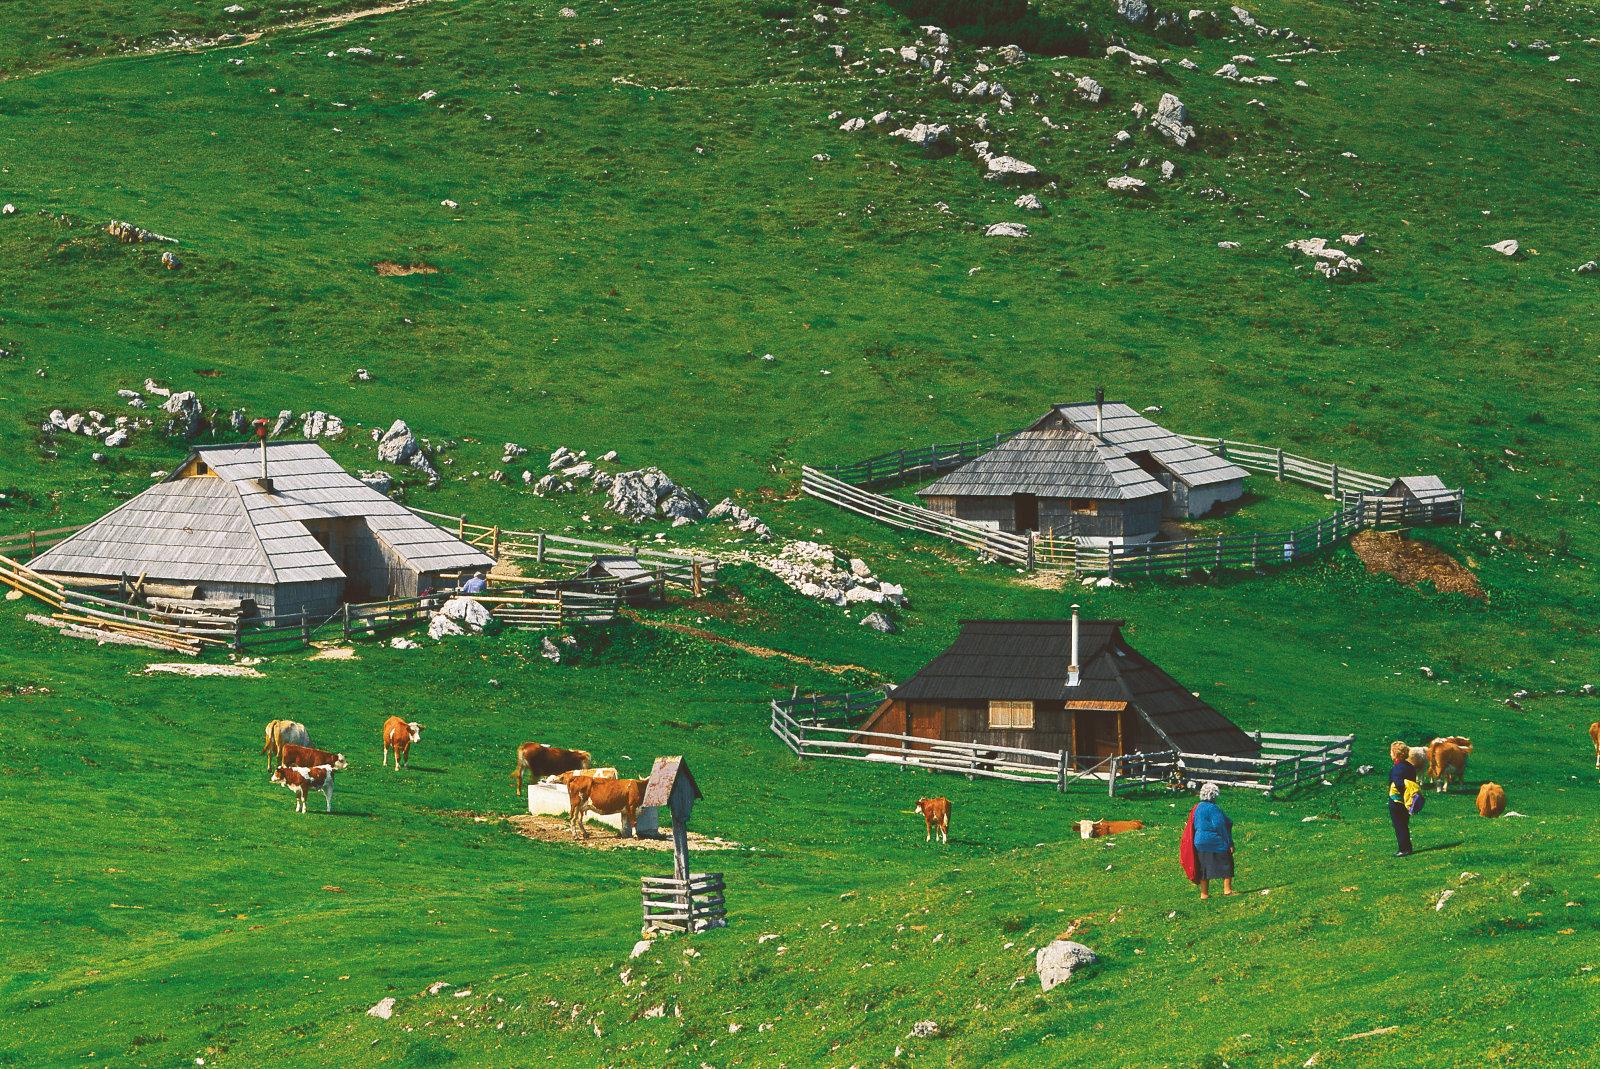 velika-planina-cows-pasture